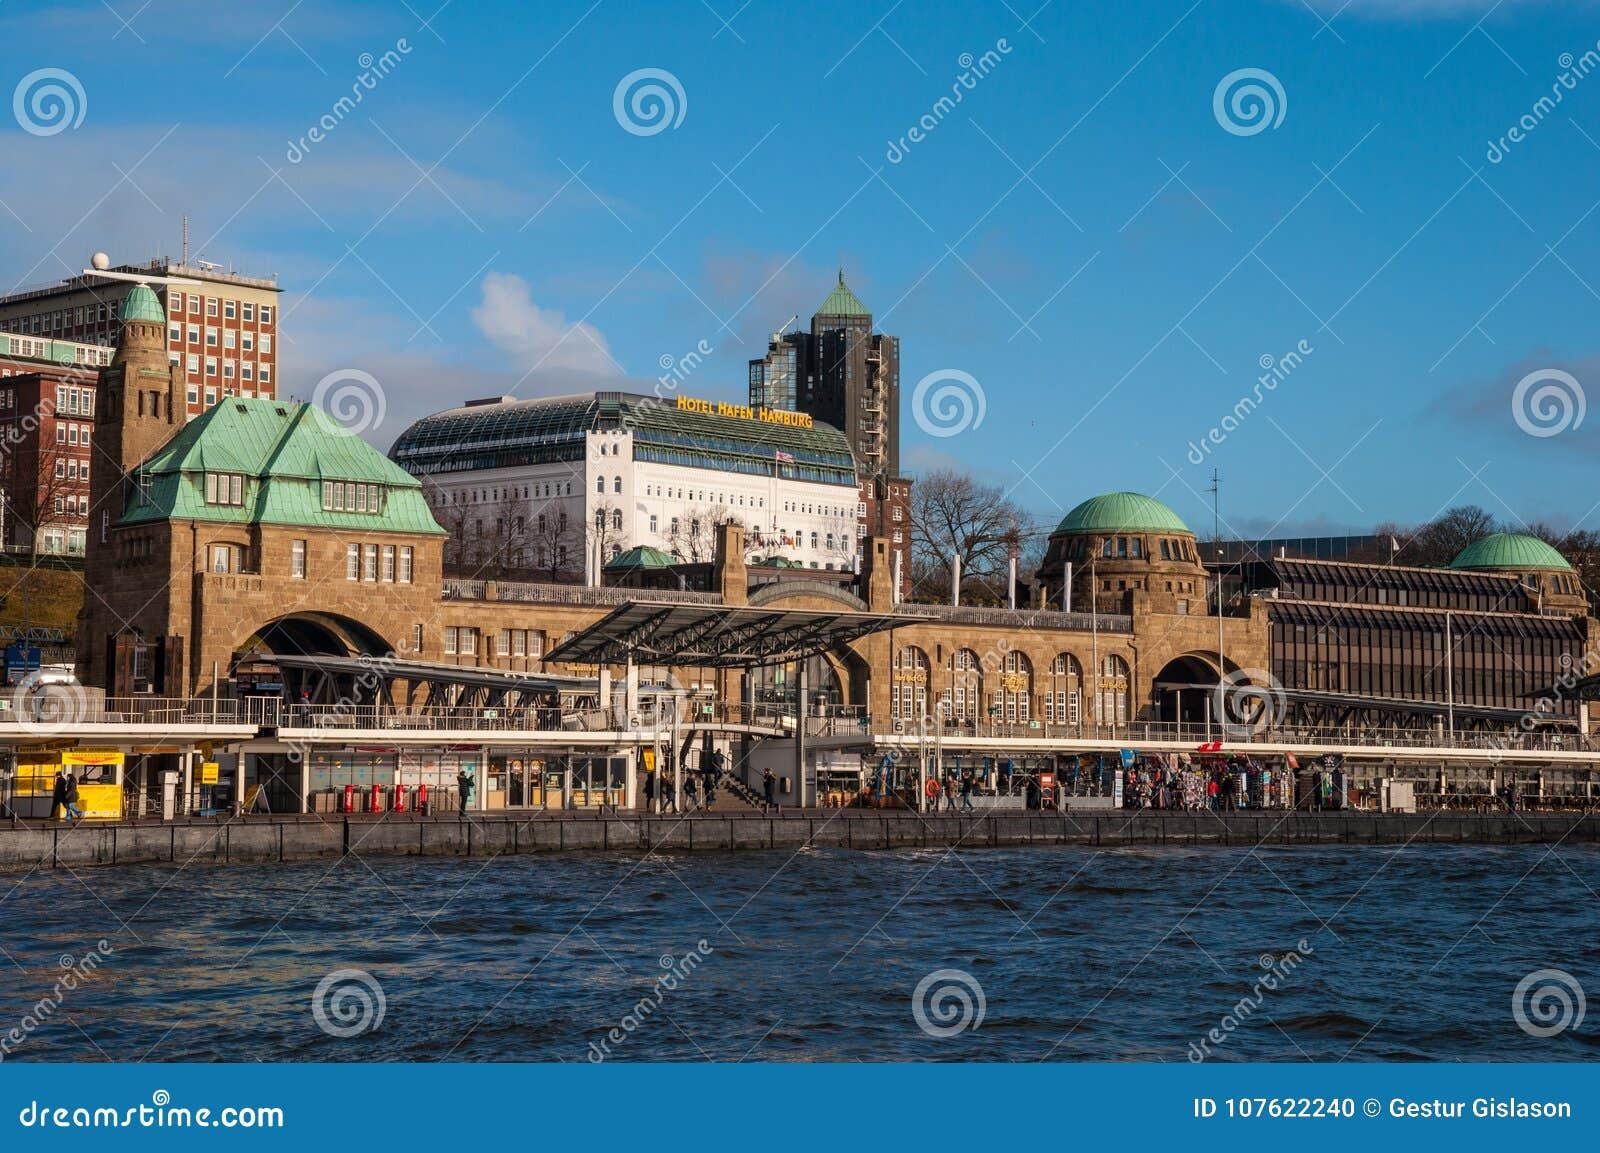 Landungsbrucken-Pier in Hamburg Deutschland